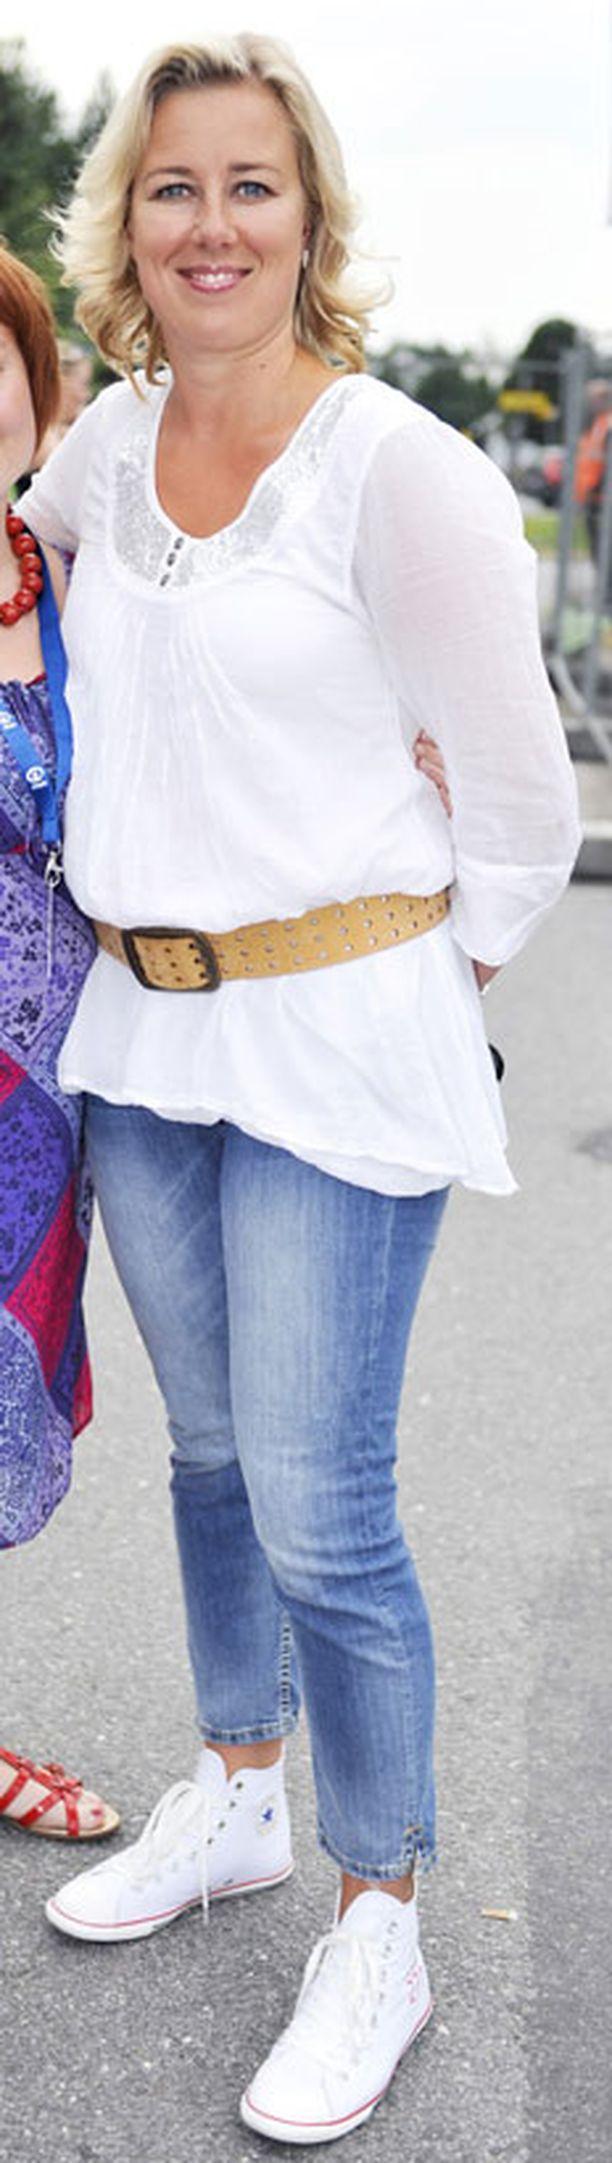 Tässä vasta ihanan raikas kesälook. Conversen tennarit ovat nuorekkaat ja farkuissakin muodikas pesu ja malli. Myös valkea paita noudattelee kauden trendejä, mutta vyön olisi voinut jättää asusta pois.